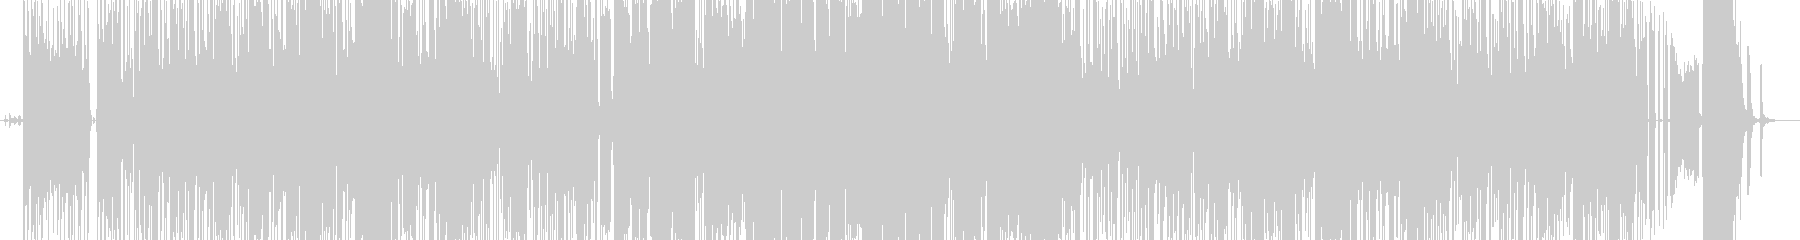 我が家の愛犬「ハナ」の曲の未再生の波形